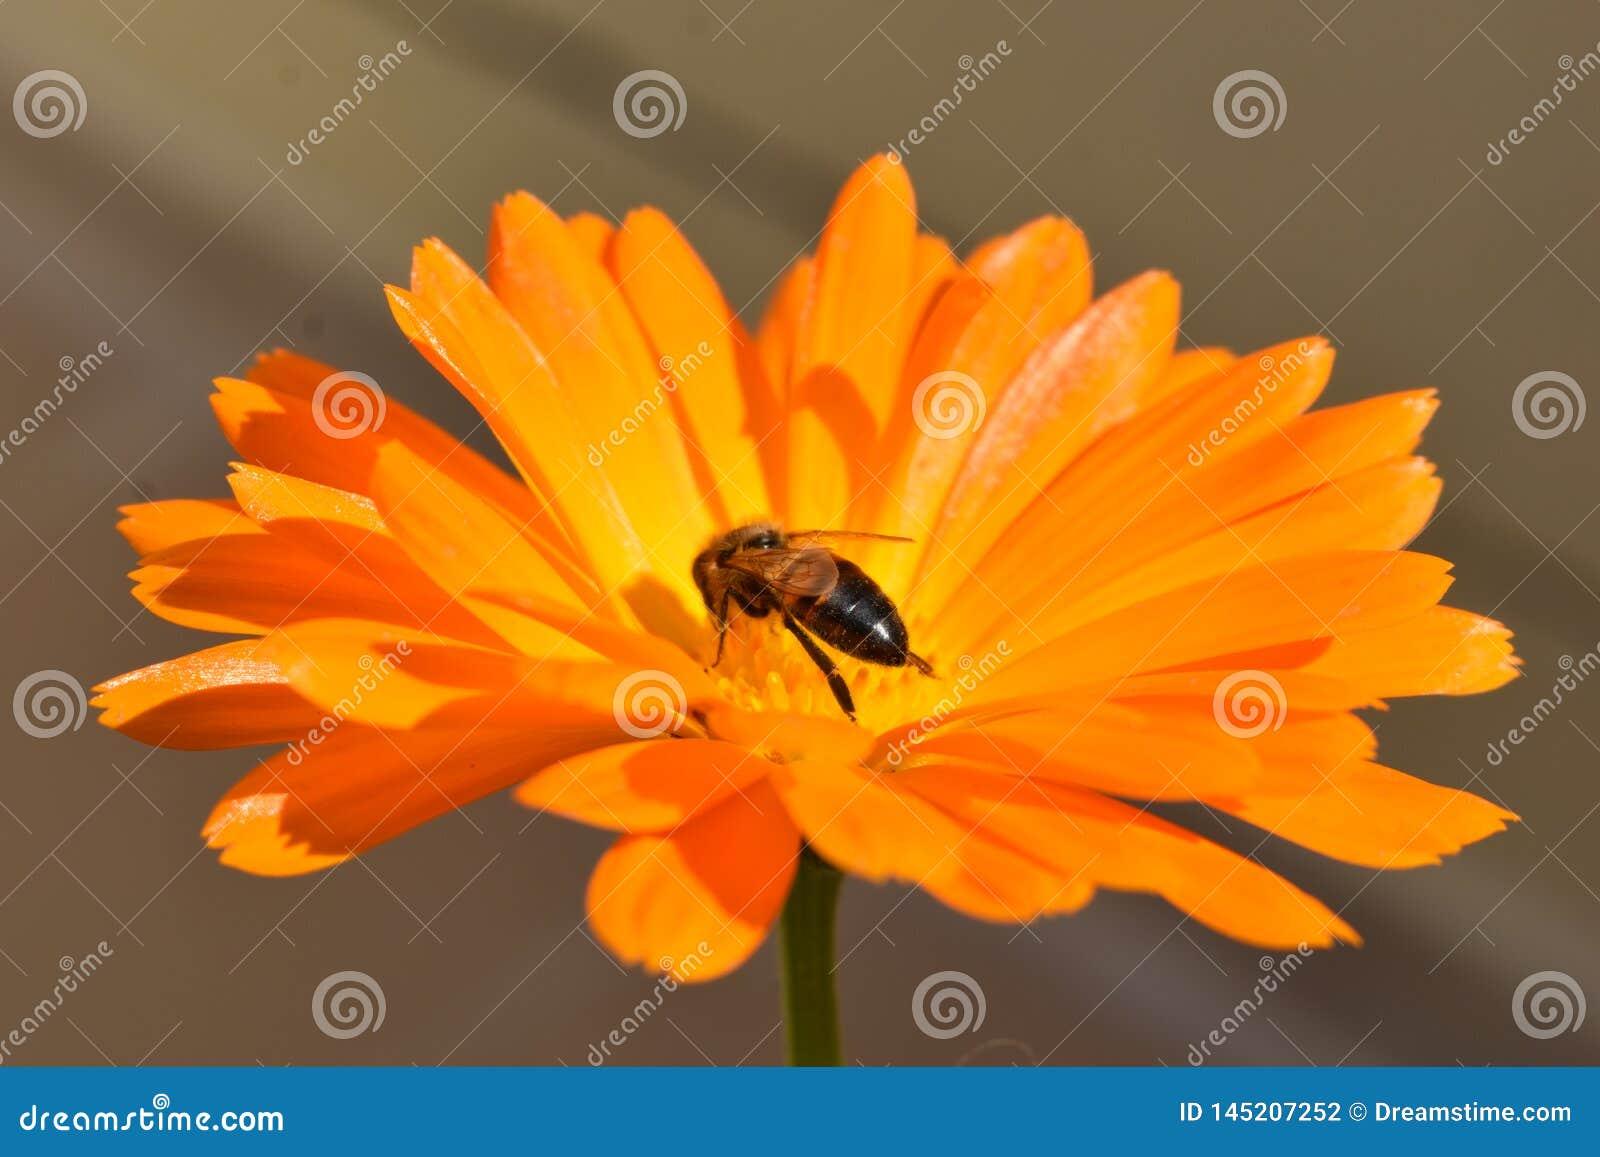 Een kleine bij op een oranje bloem